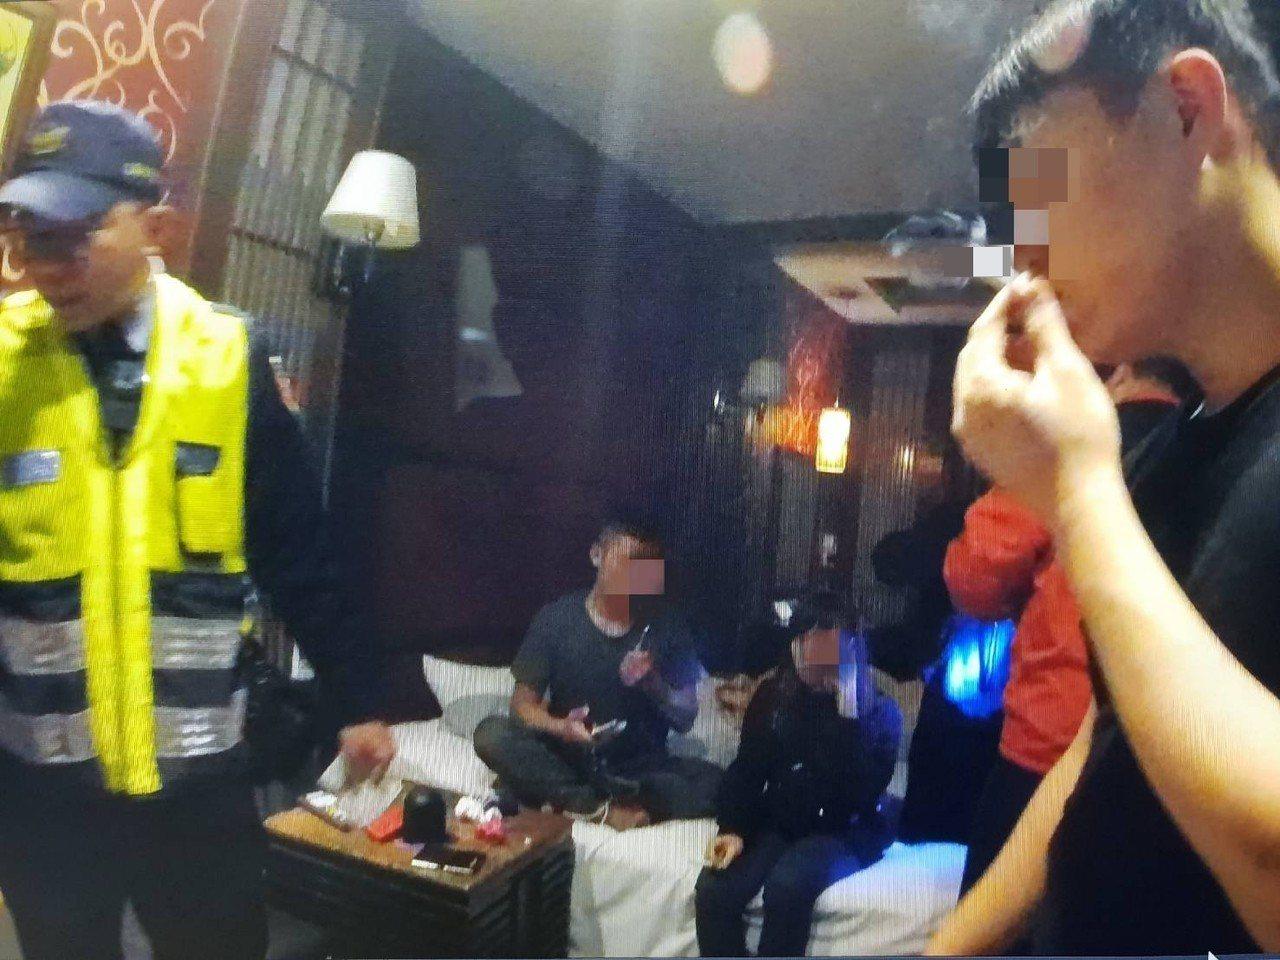 警方跟著一名男子至汽車旅館,查獲一起毒趴,查扣安非他命、一粒眼、毒品咖啡包等。圖...